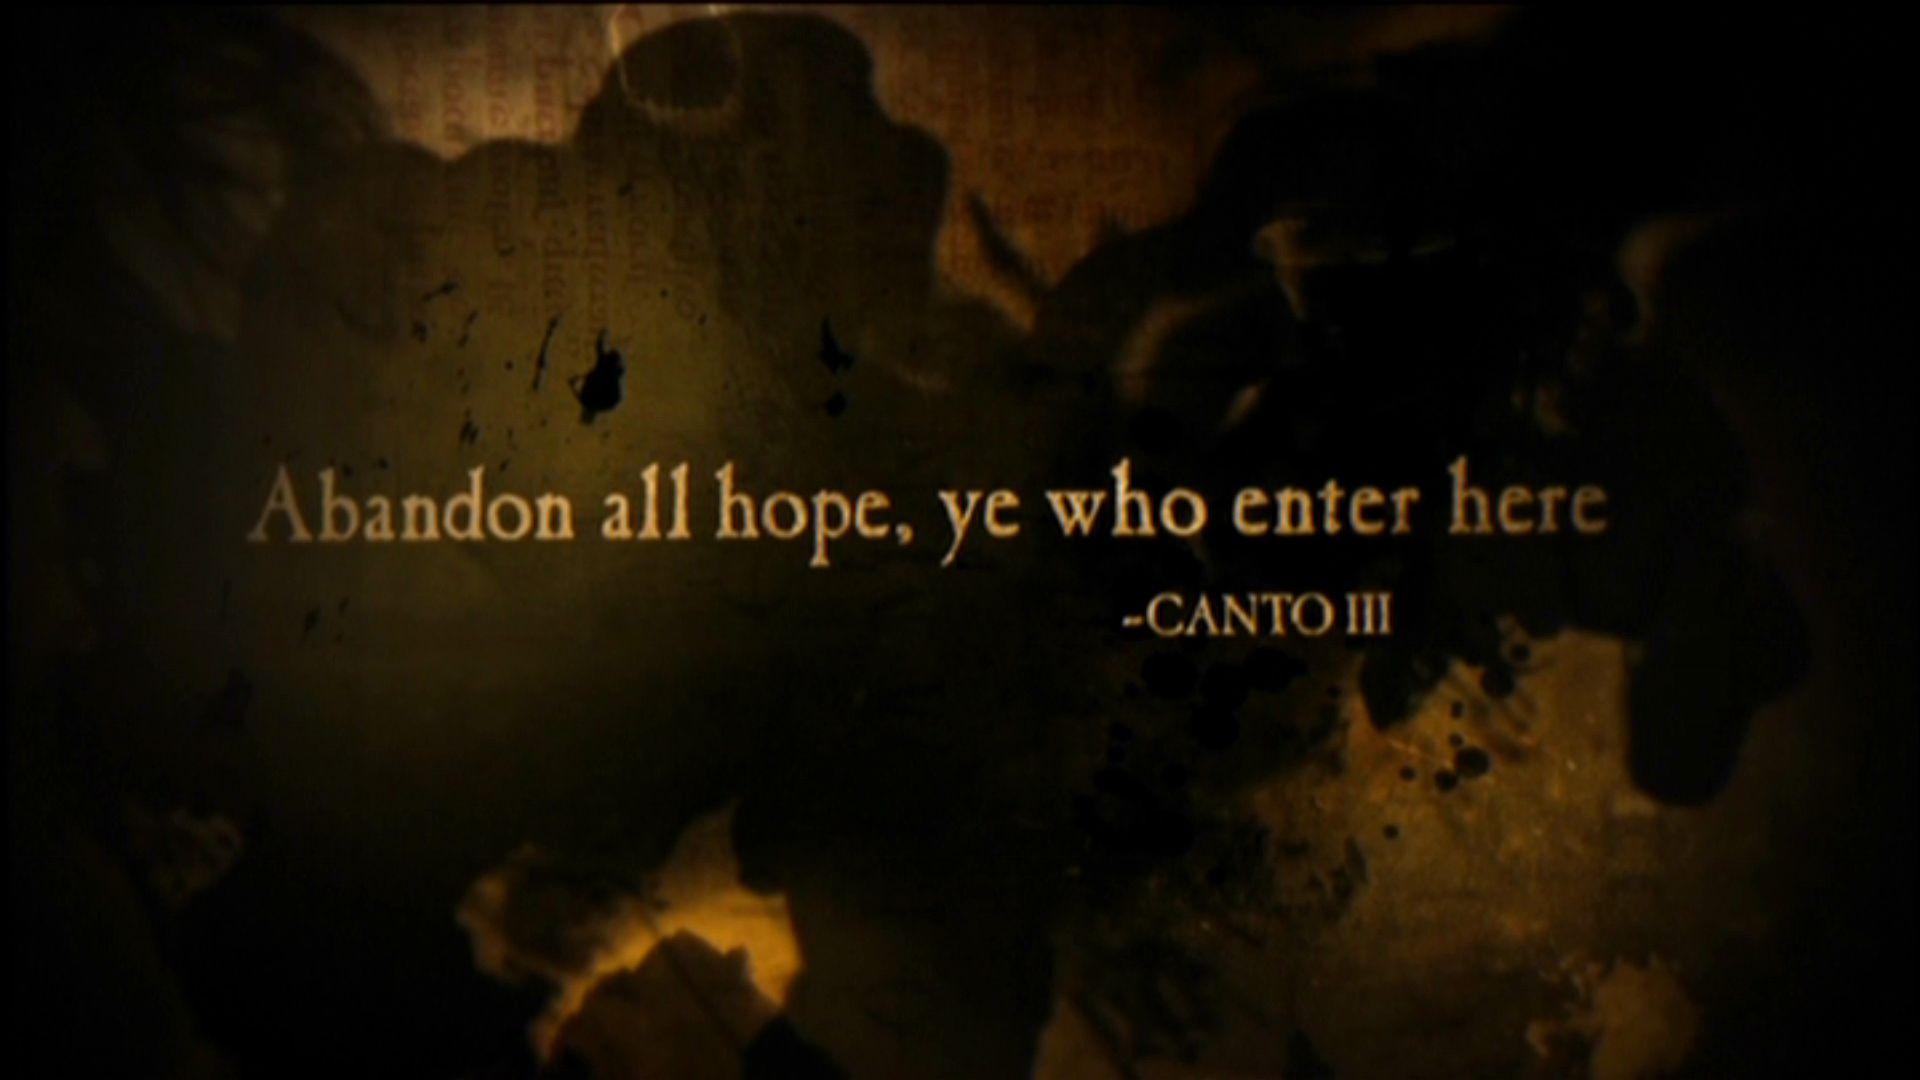 Dante Quotes Quotes From Dantes Infernoquotesgram  Dante  Pinterest